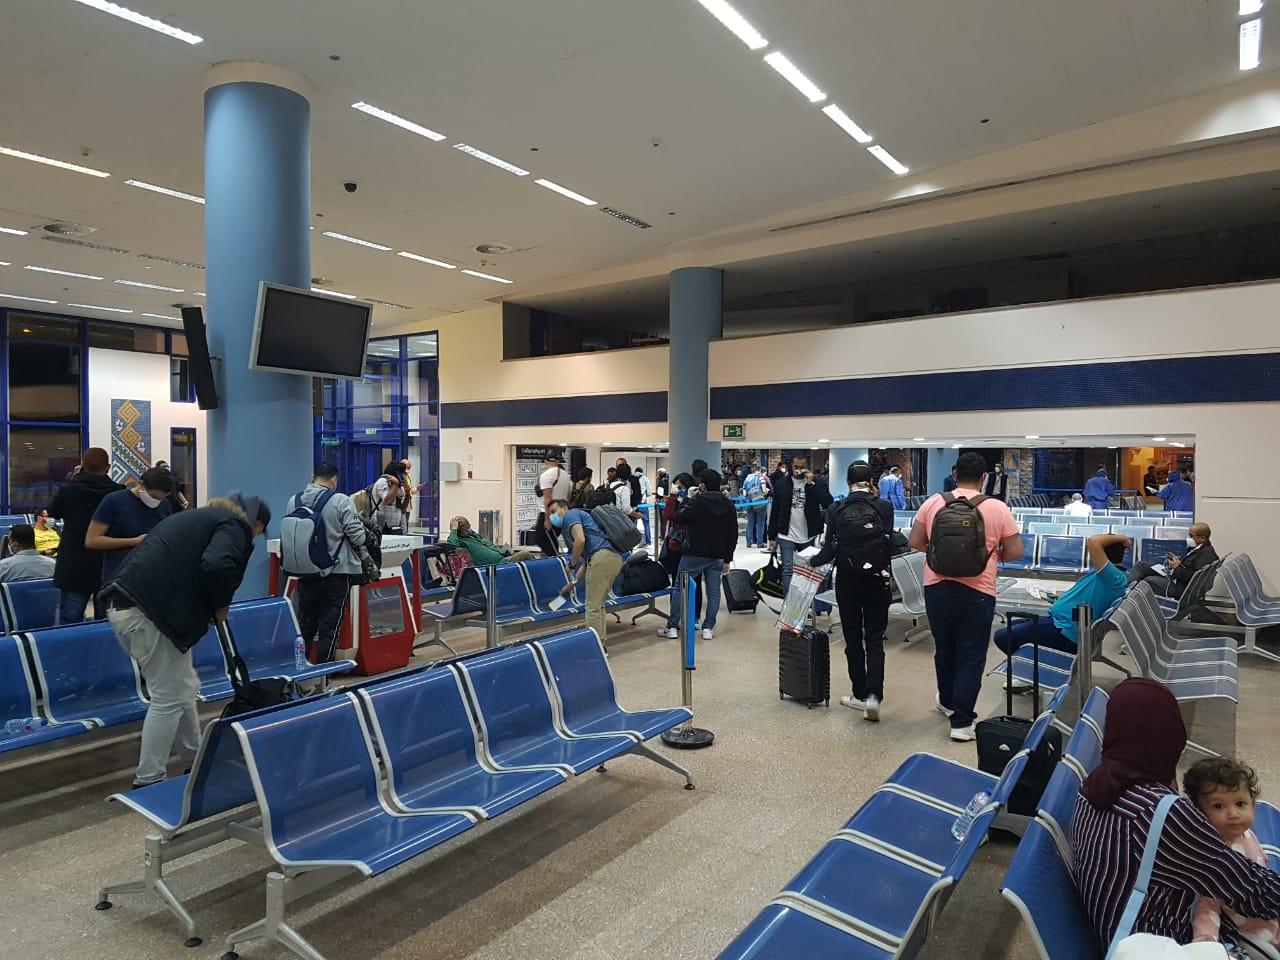 صور | مطار مرسى علم يستقبل رحلة استثنائية لـ76 عالقا مصريا من فرانكفورت